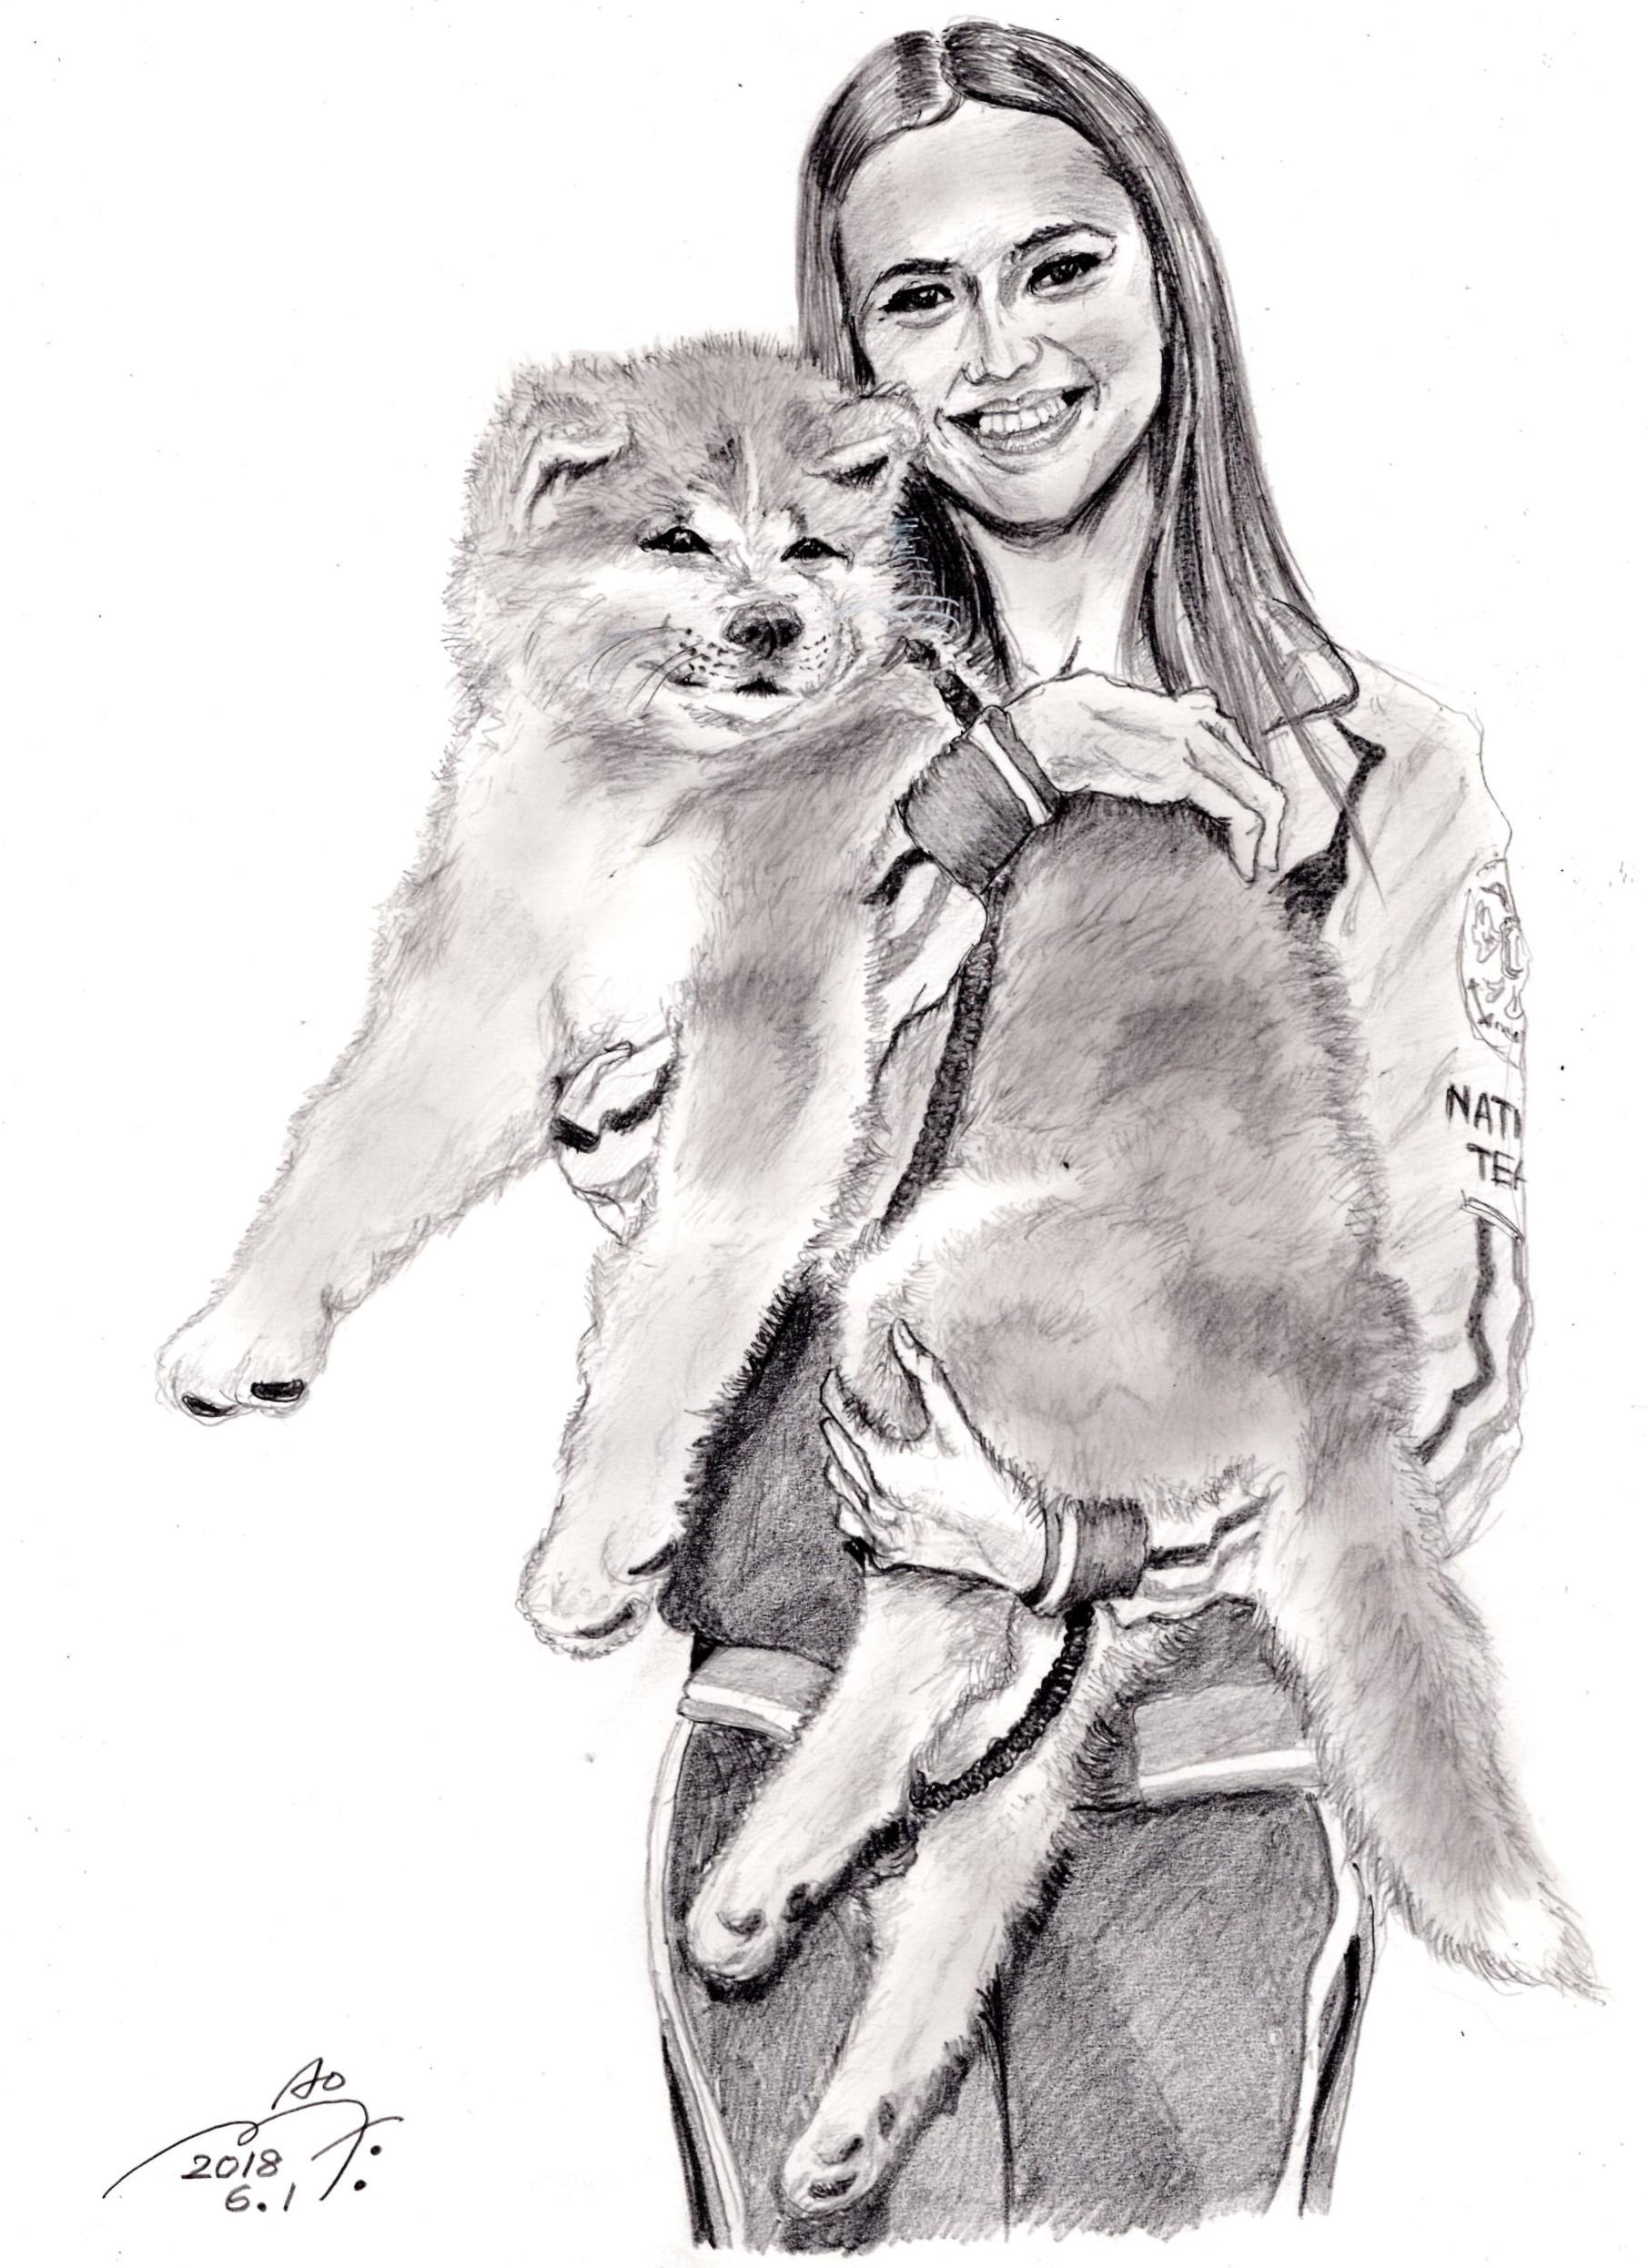 アリーナ・ザギトワ 選手と秋田犬「MASARU(マサル)」の鉛筆画似顔絵